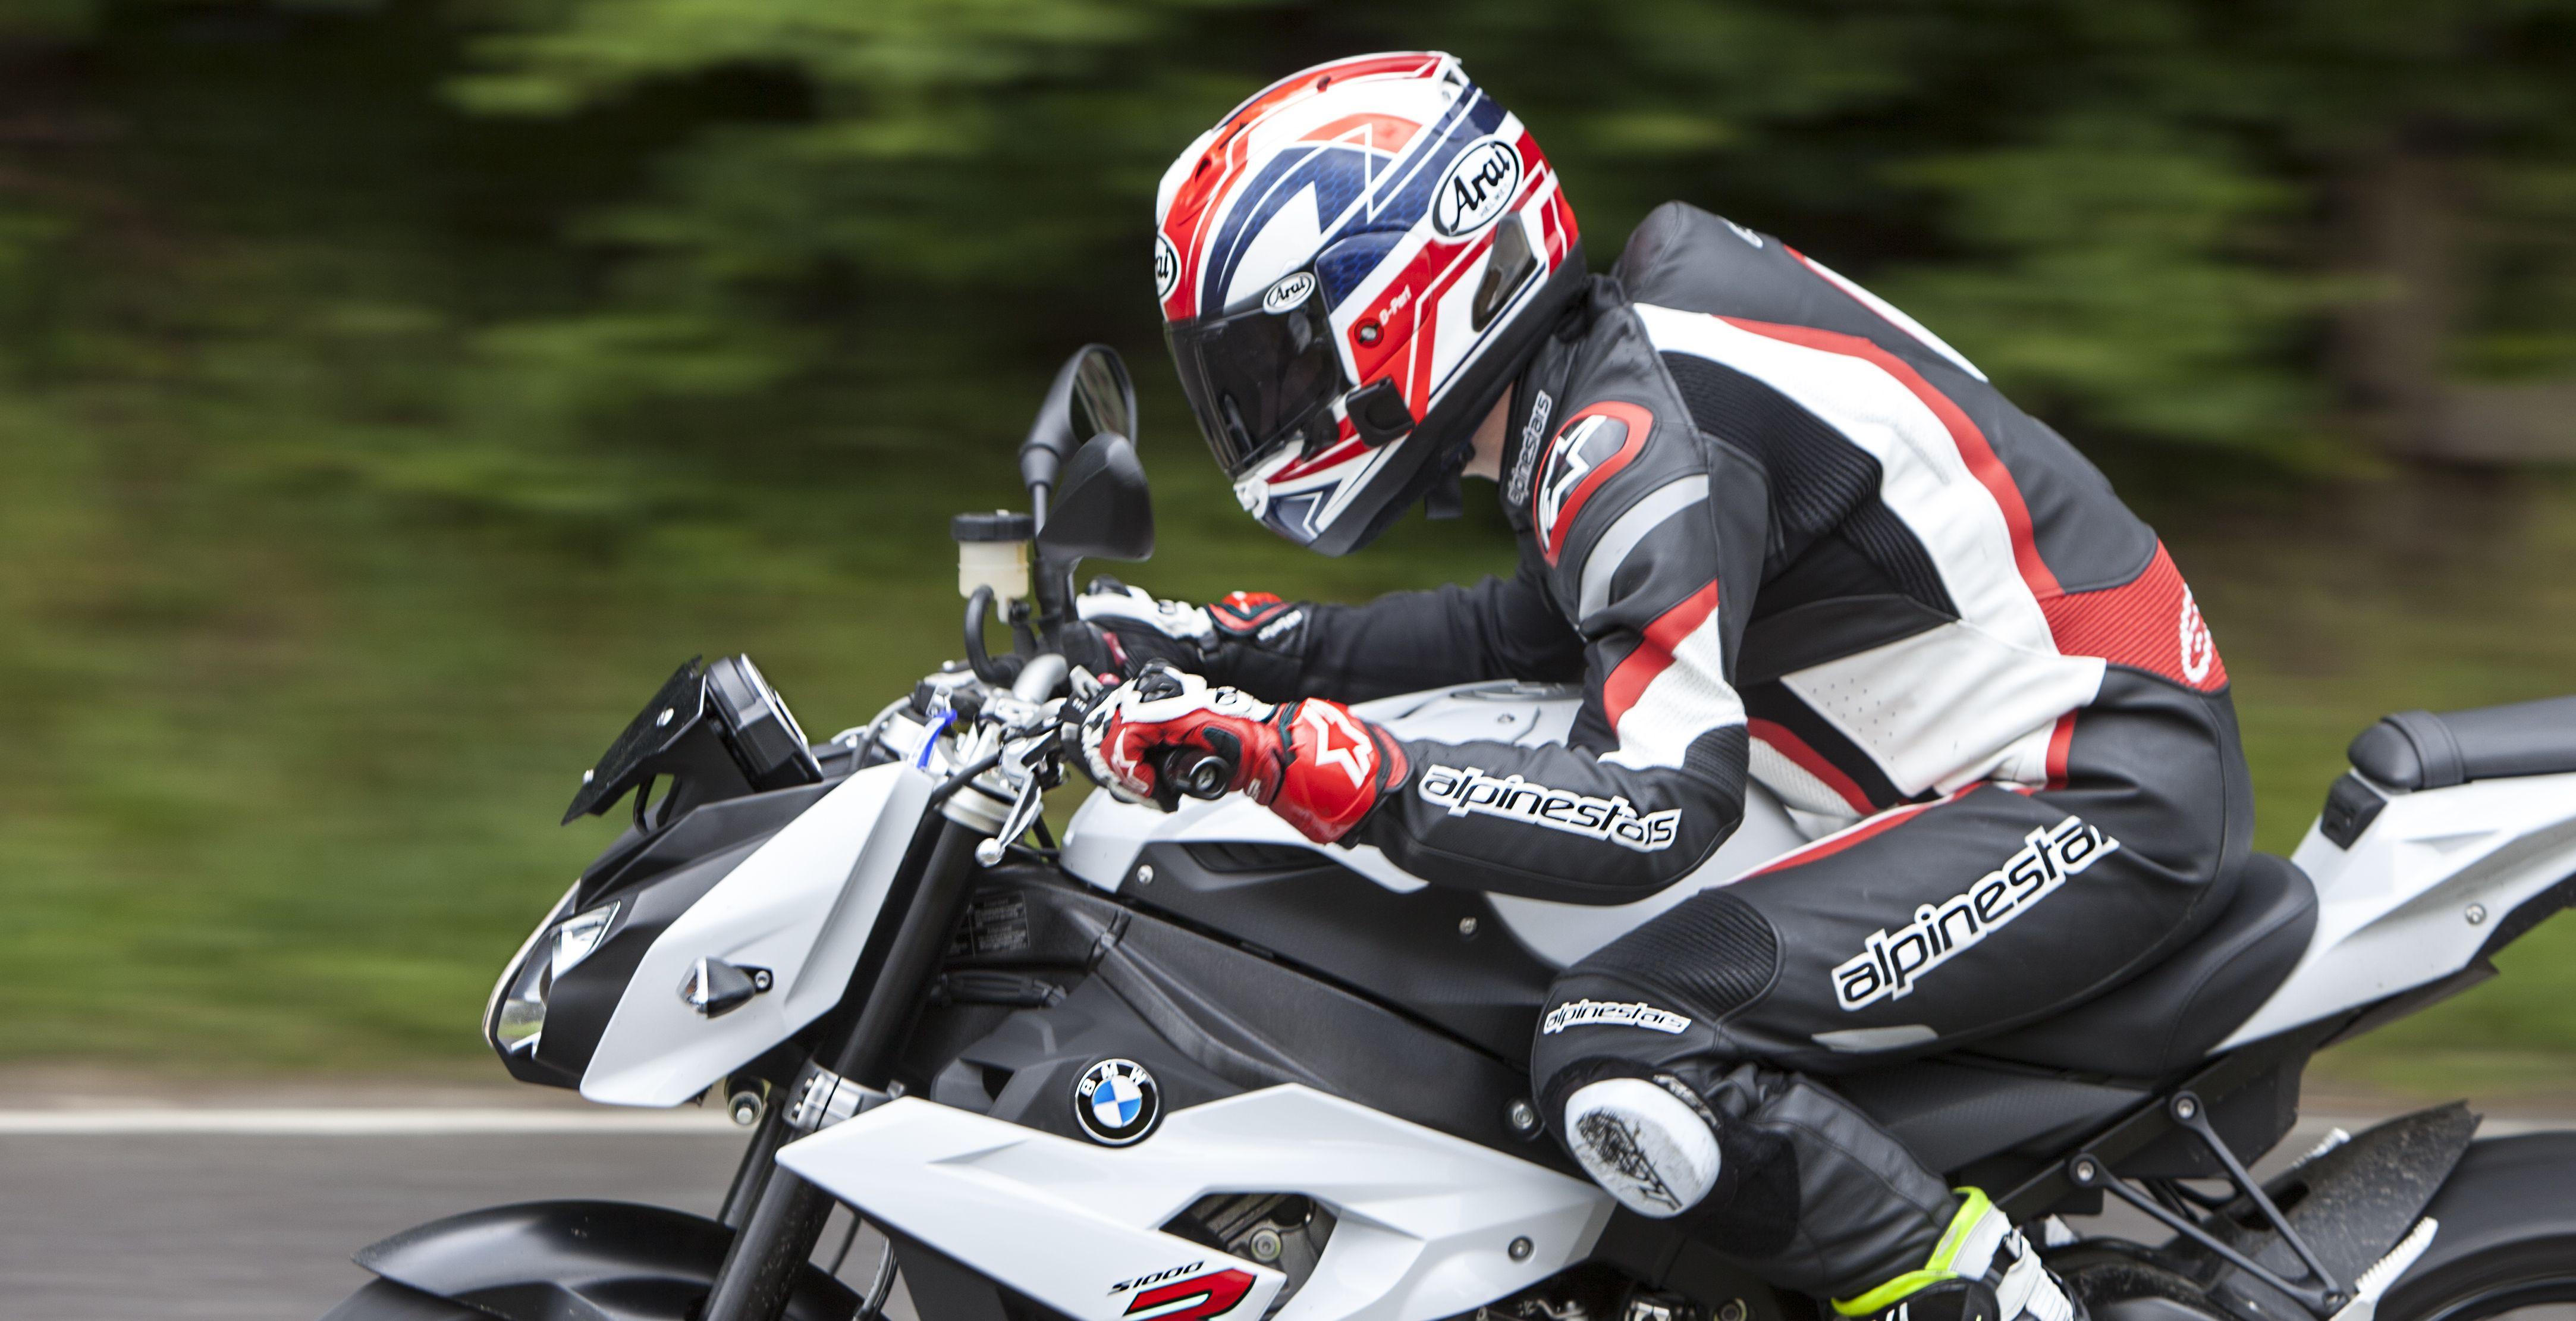 Alpinestars Motorcycle Race Suit